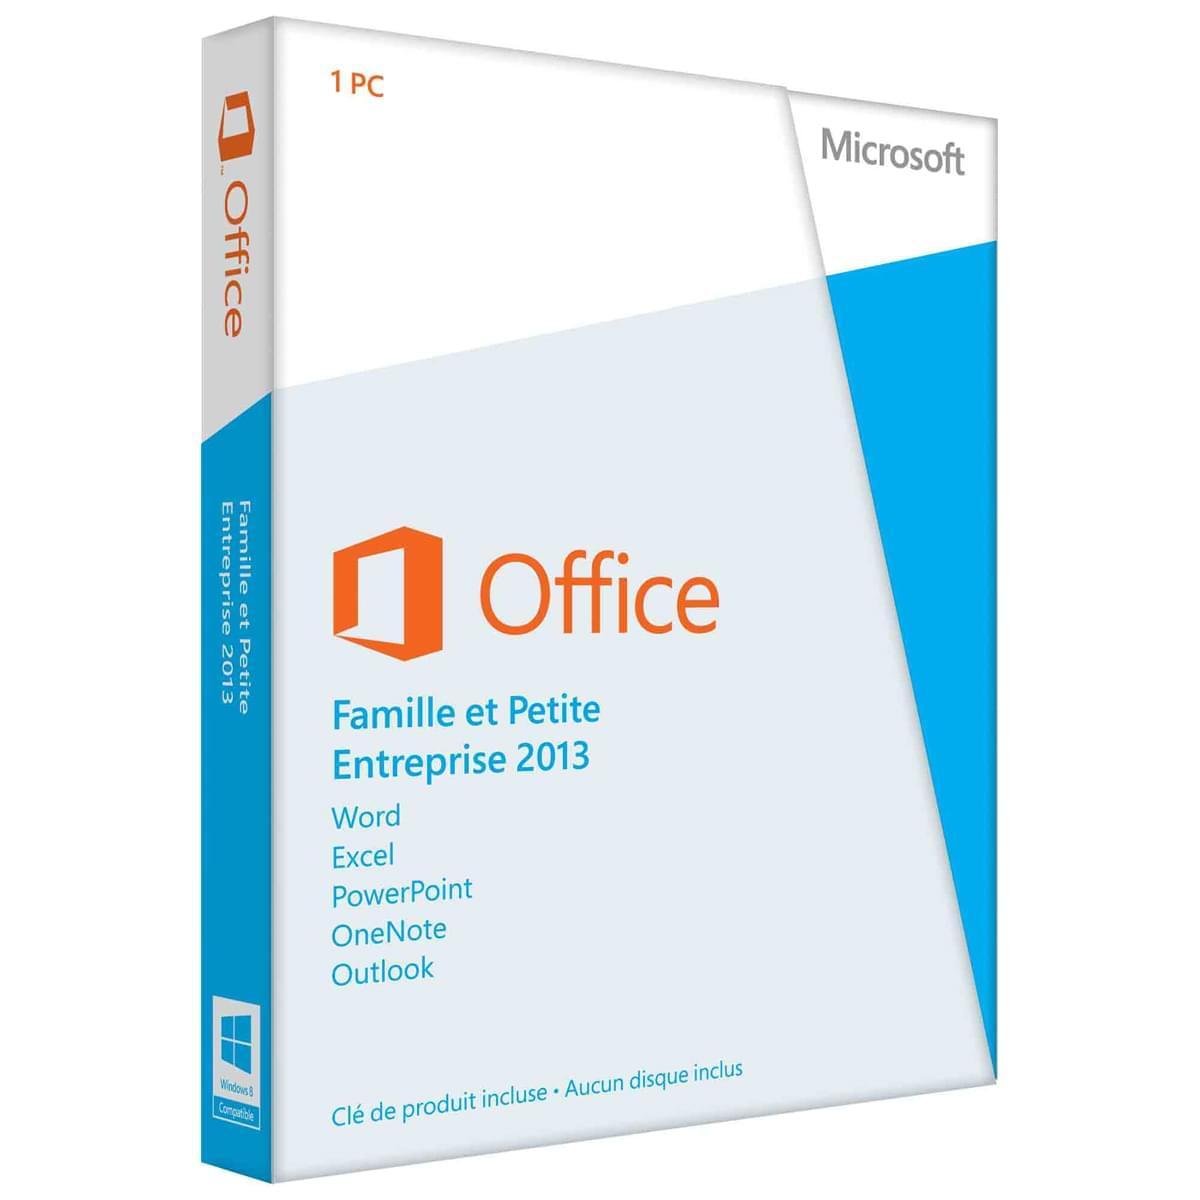 Microsoft Office Famille/Petite Entreprise 2013 COEM - Logiciel suite bureautique - 0